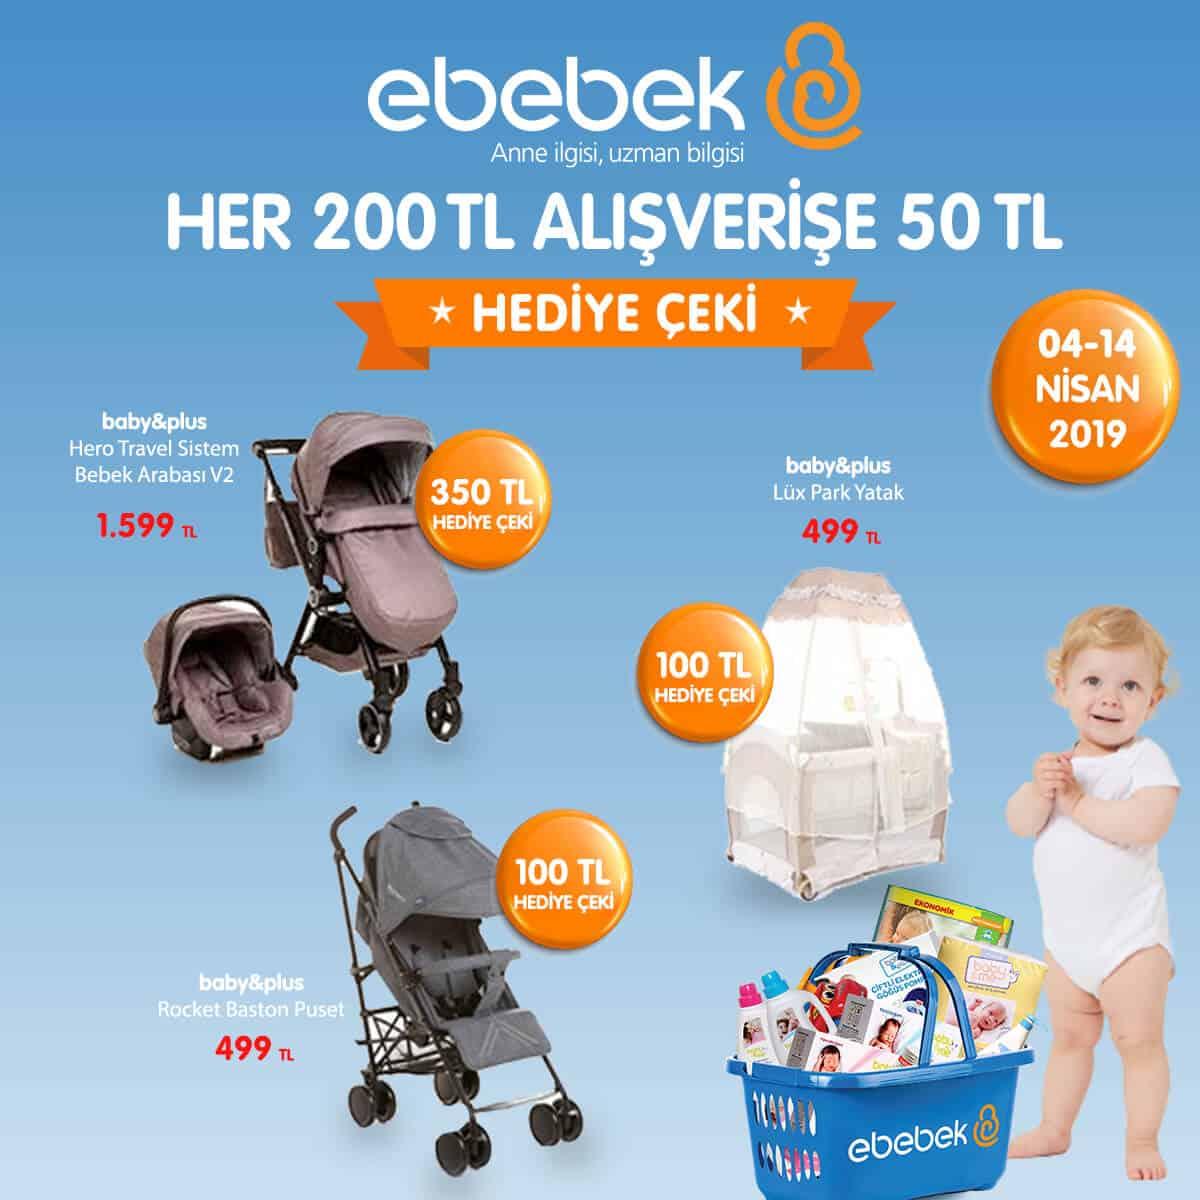 baby plus çek kampanyası